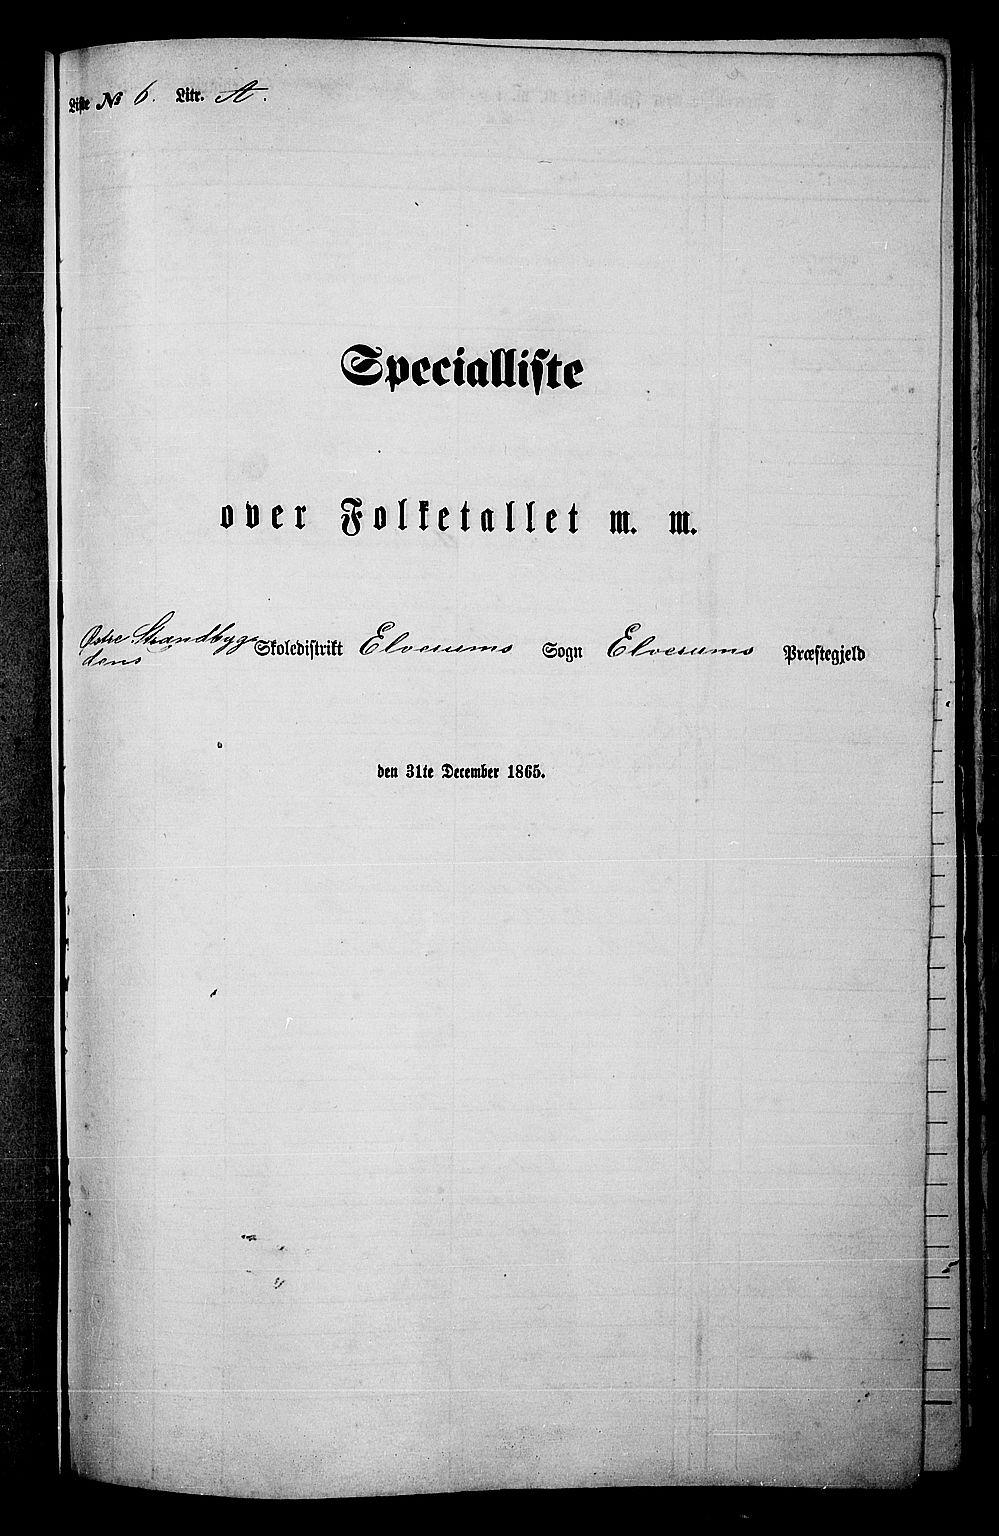 RA, Folketelling 1865 for 0427P Elverum prestegjeld, 1865, s. 135